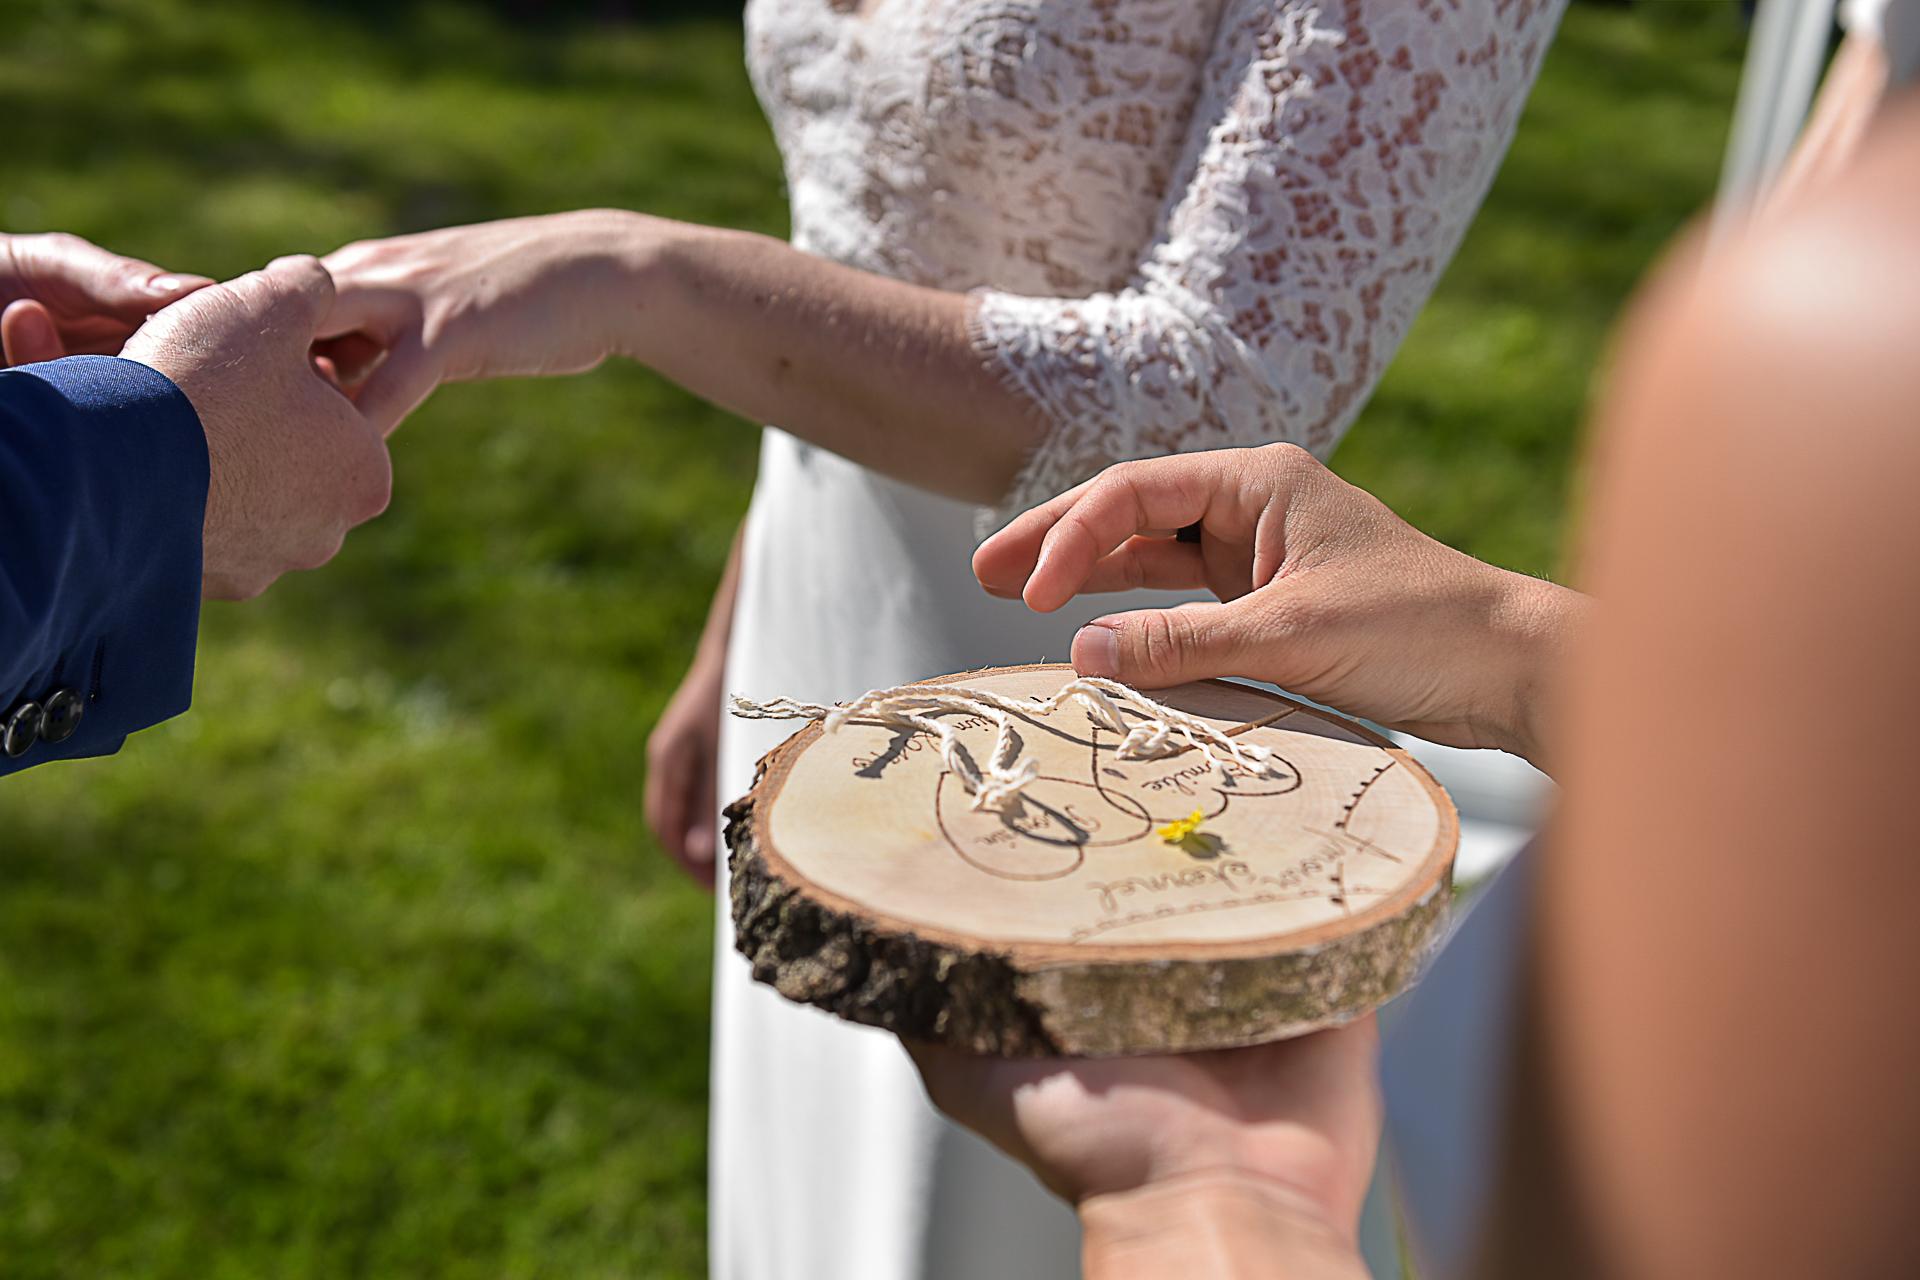 photographe-mariage-union-ceremonie-laique